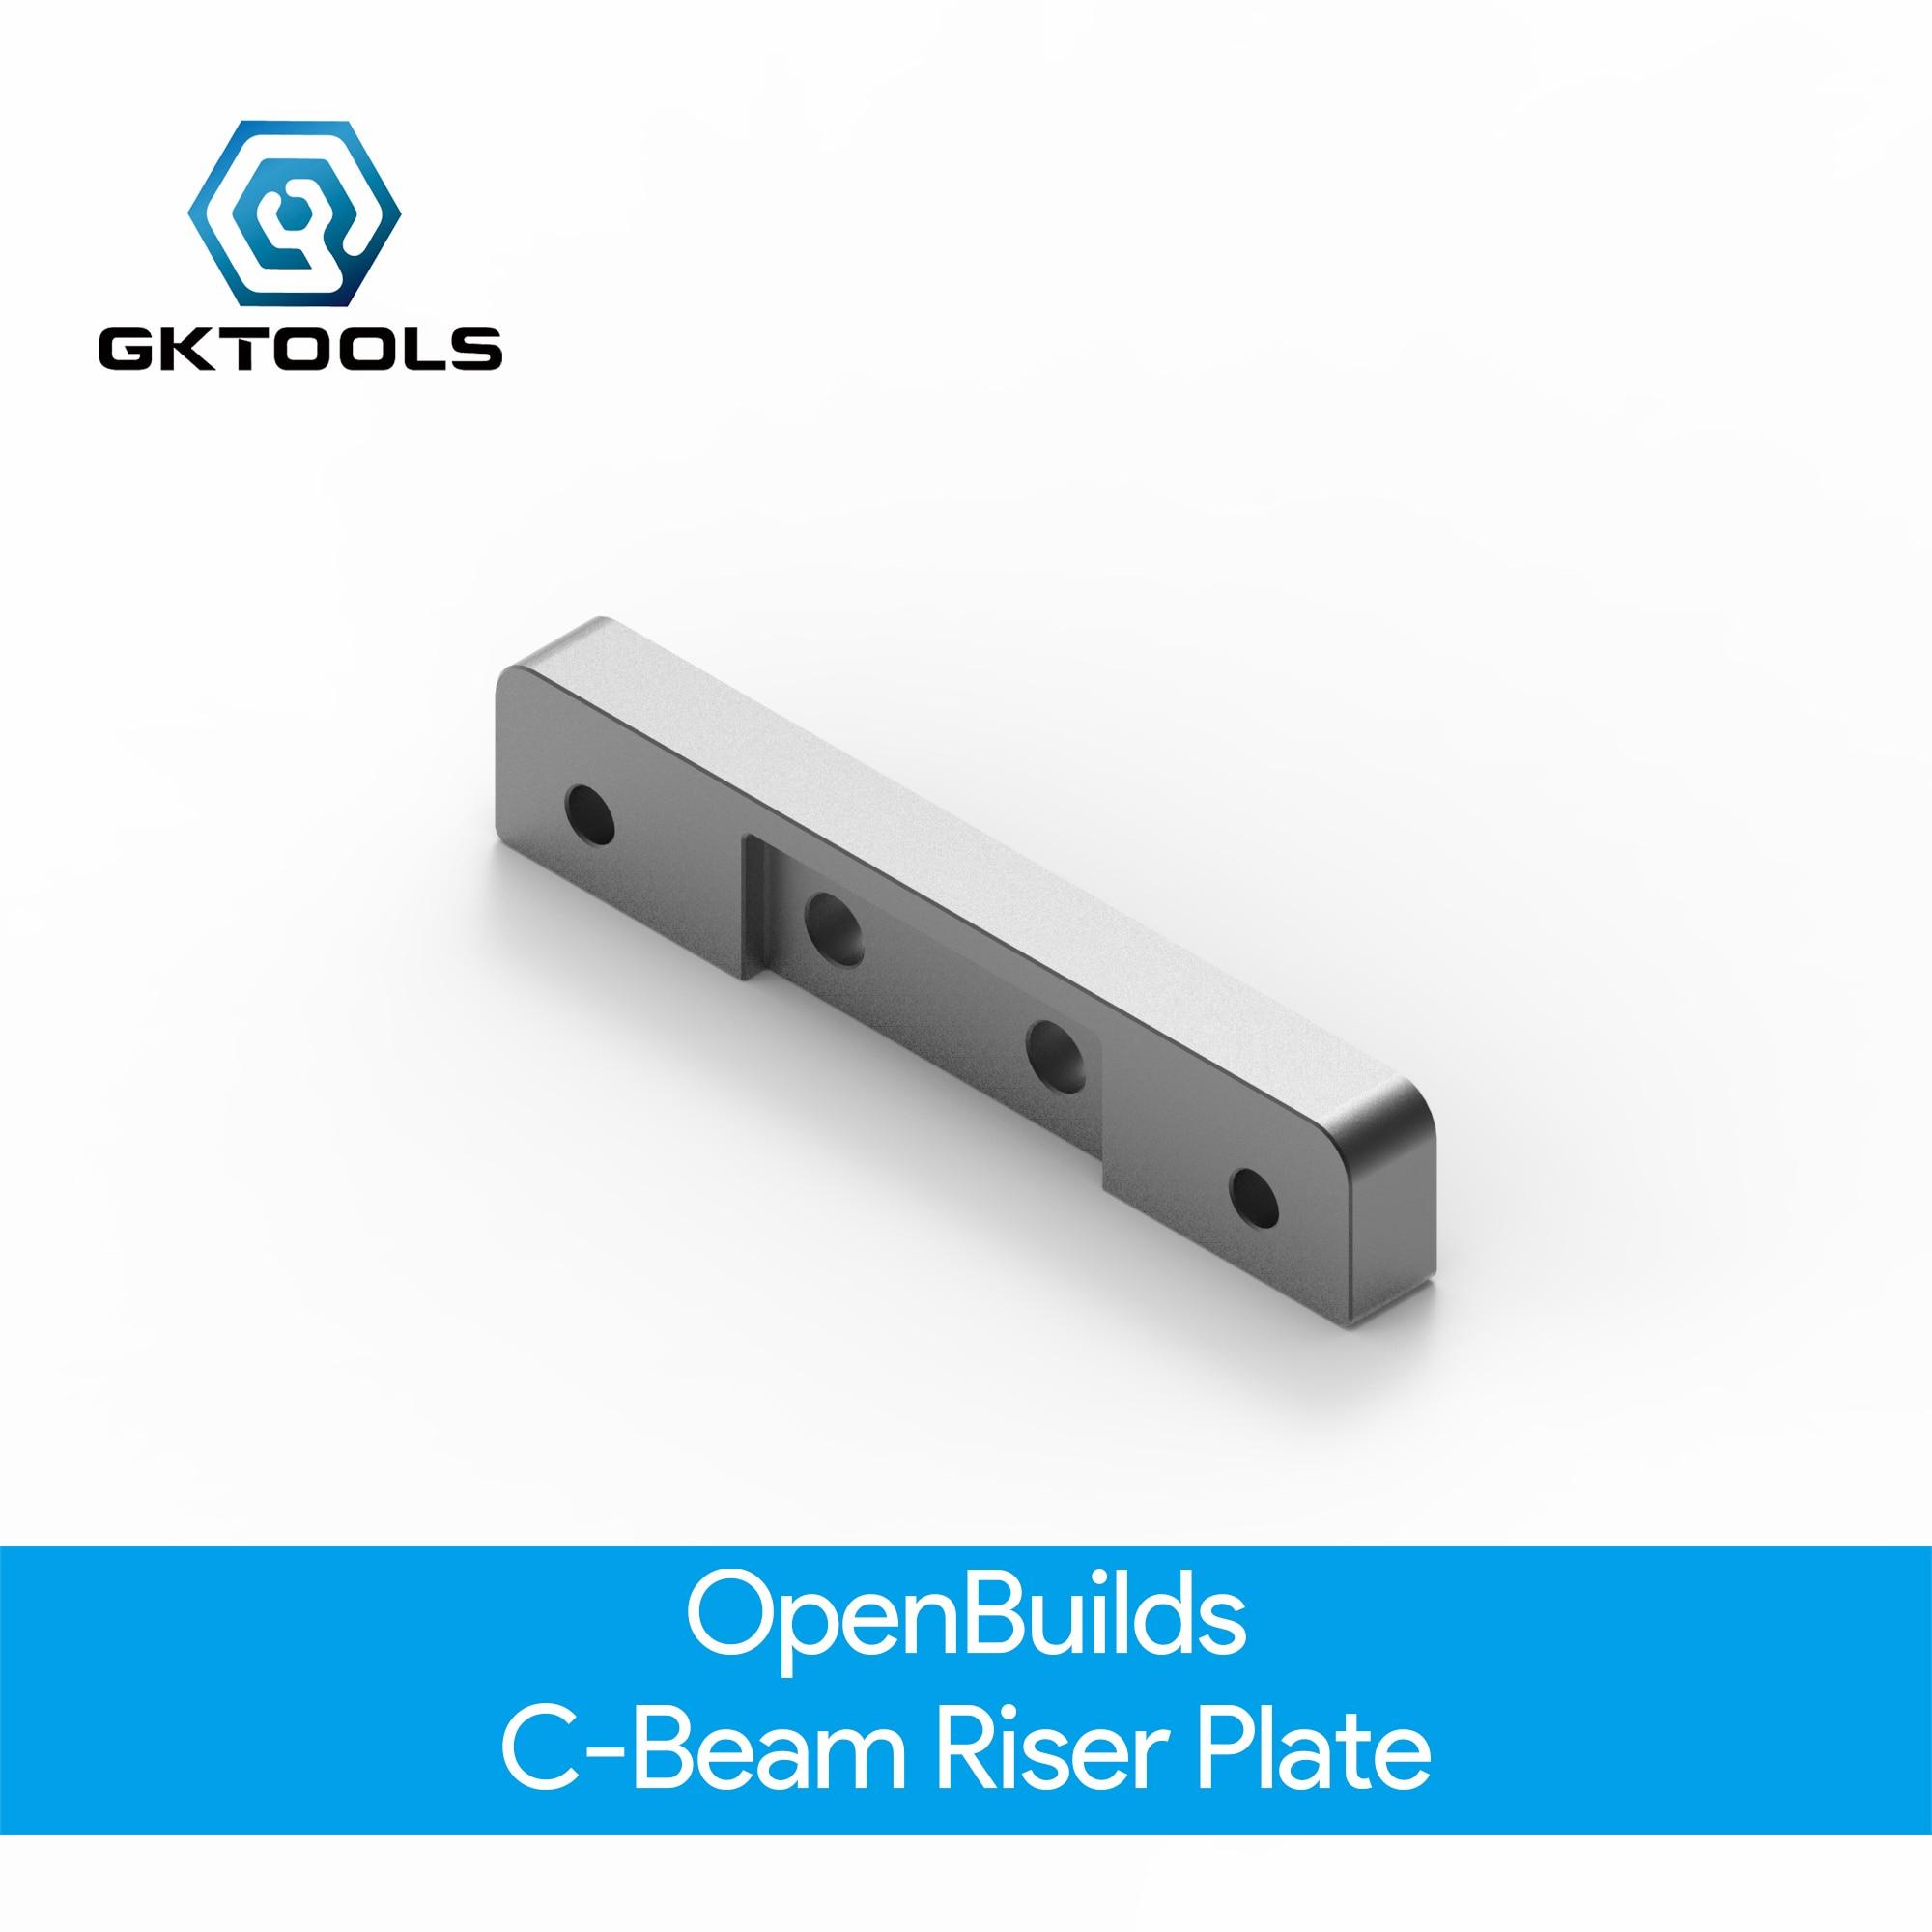 OpenBuilds C-Beam Riser Plates